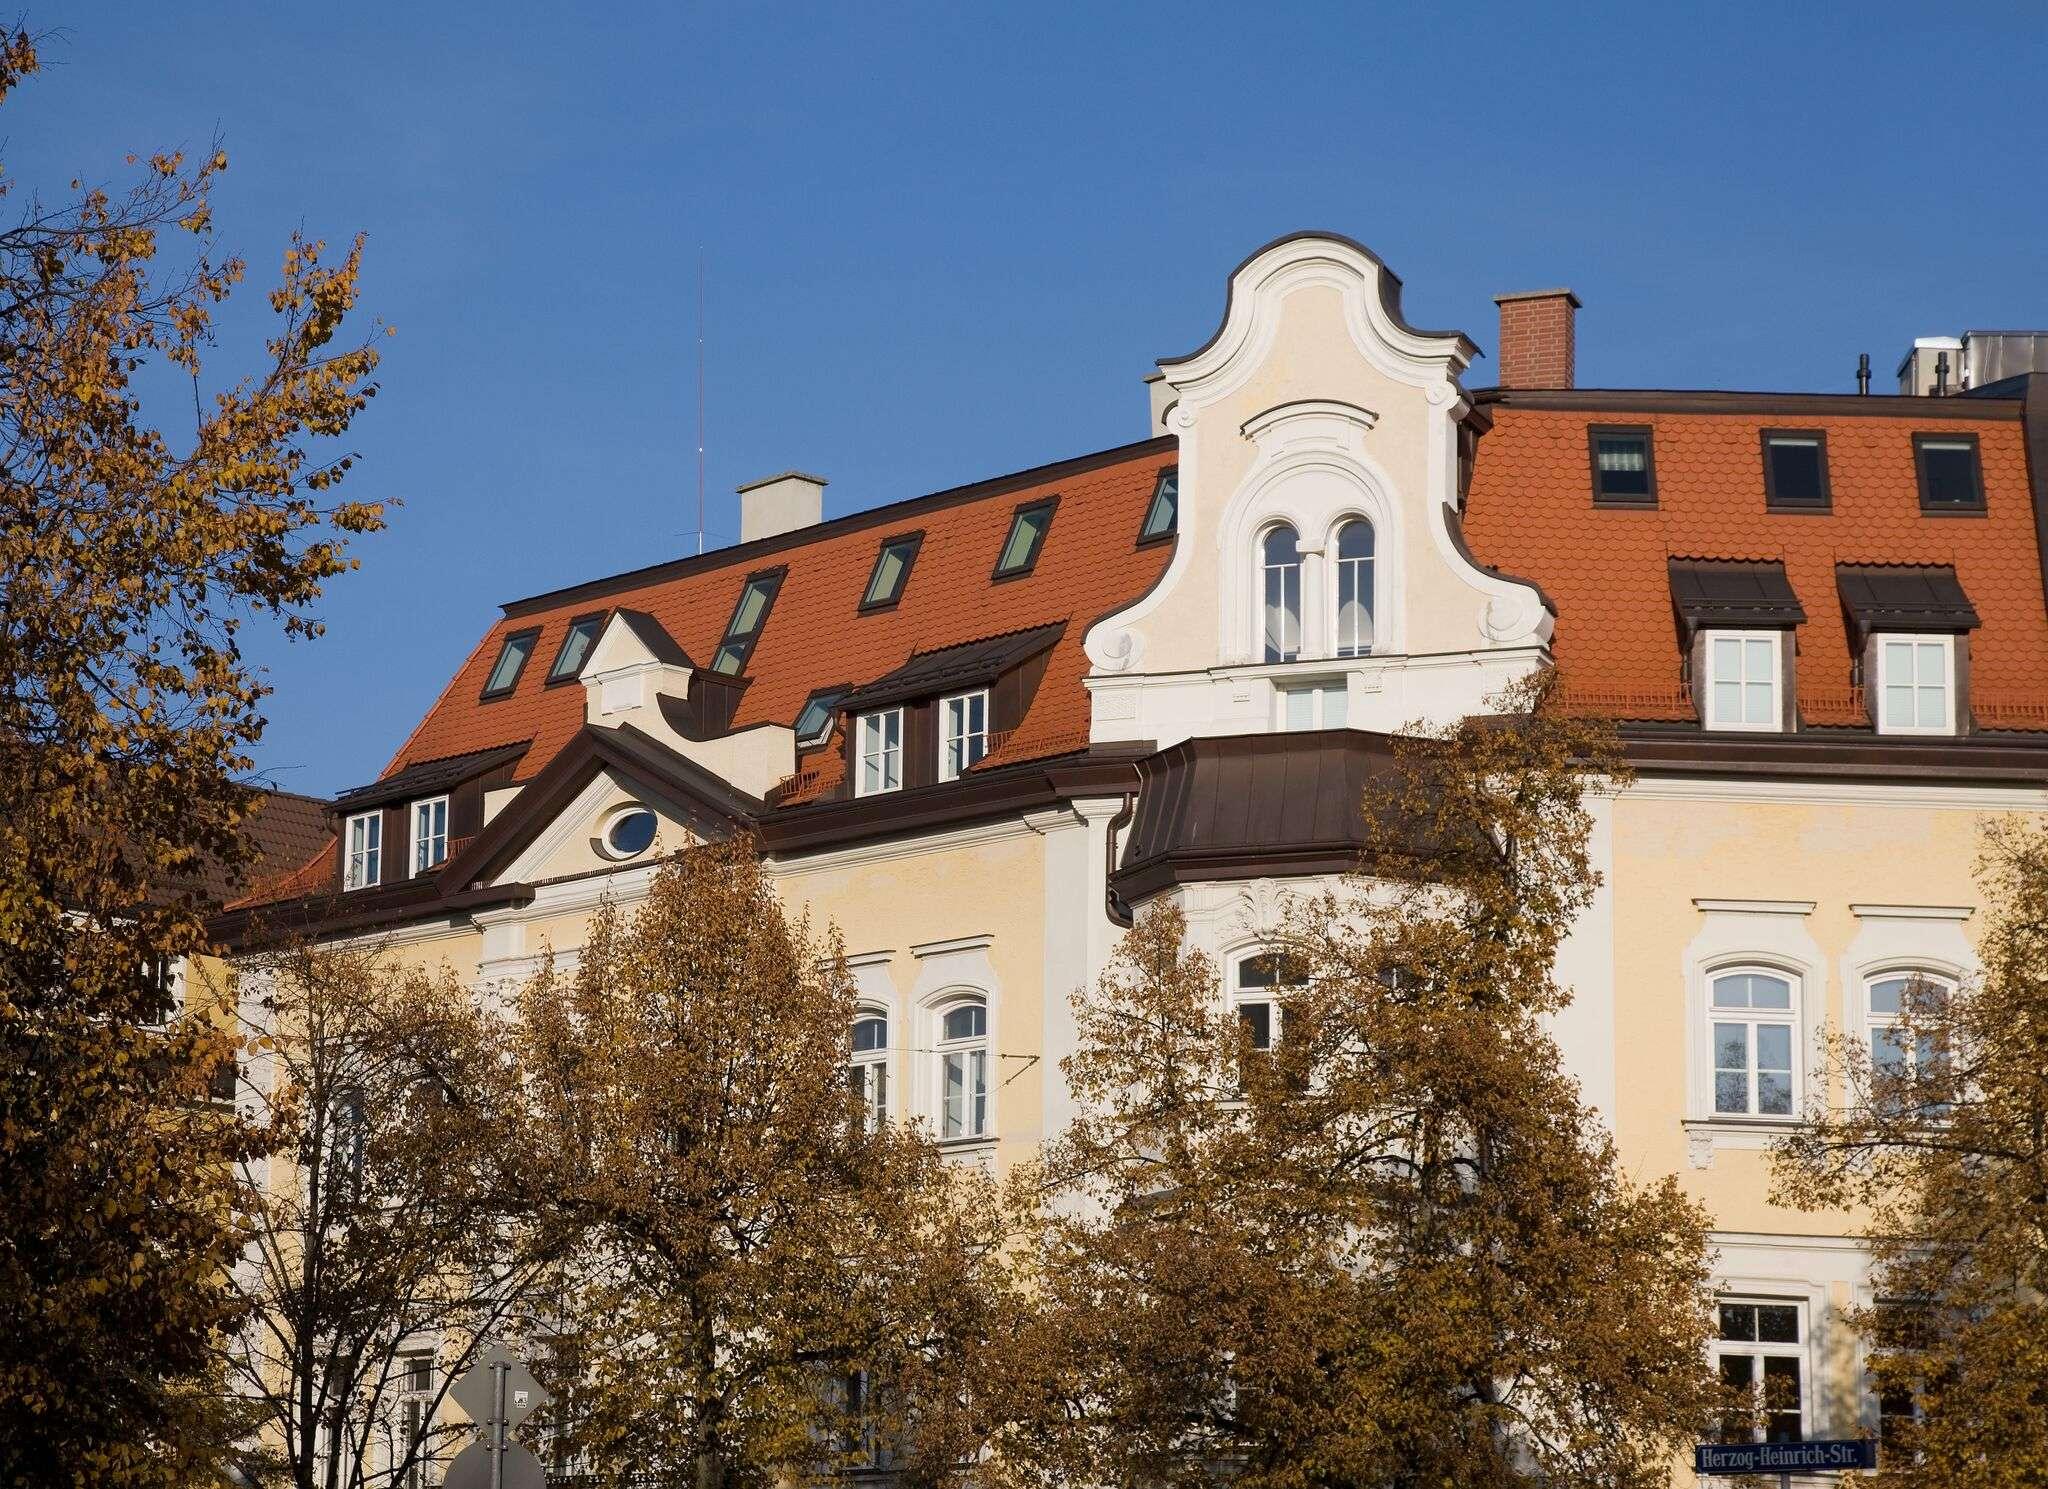 Luxus & Design mitten in München in Ludwigsvorstadt-Isarvorstadt (München)